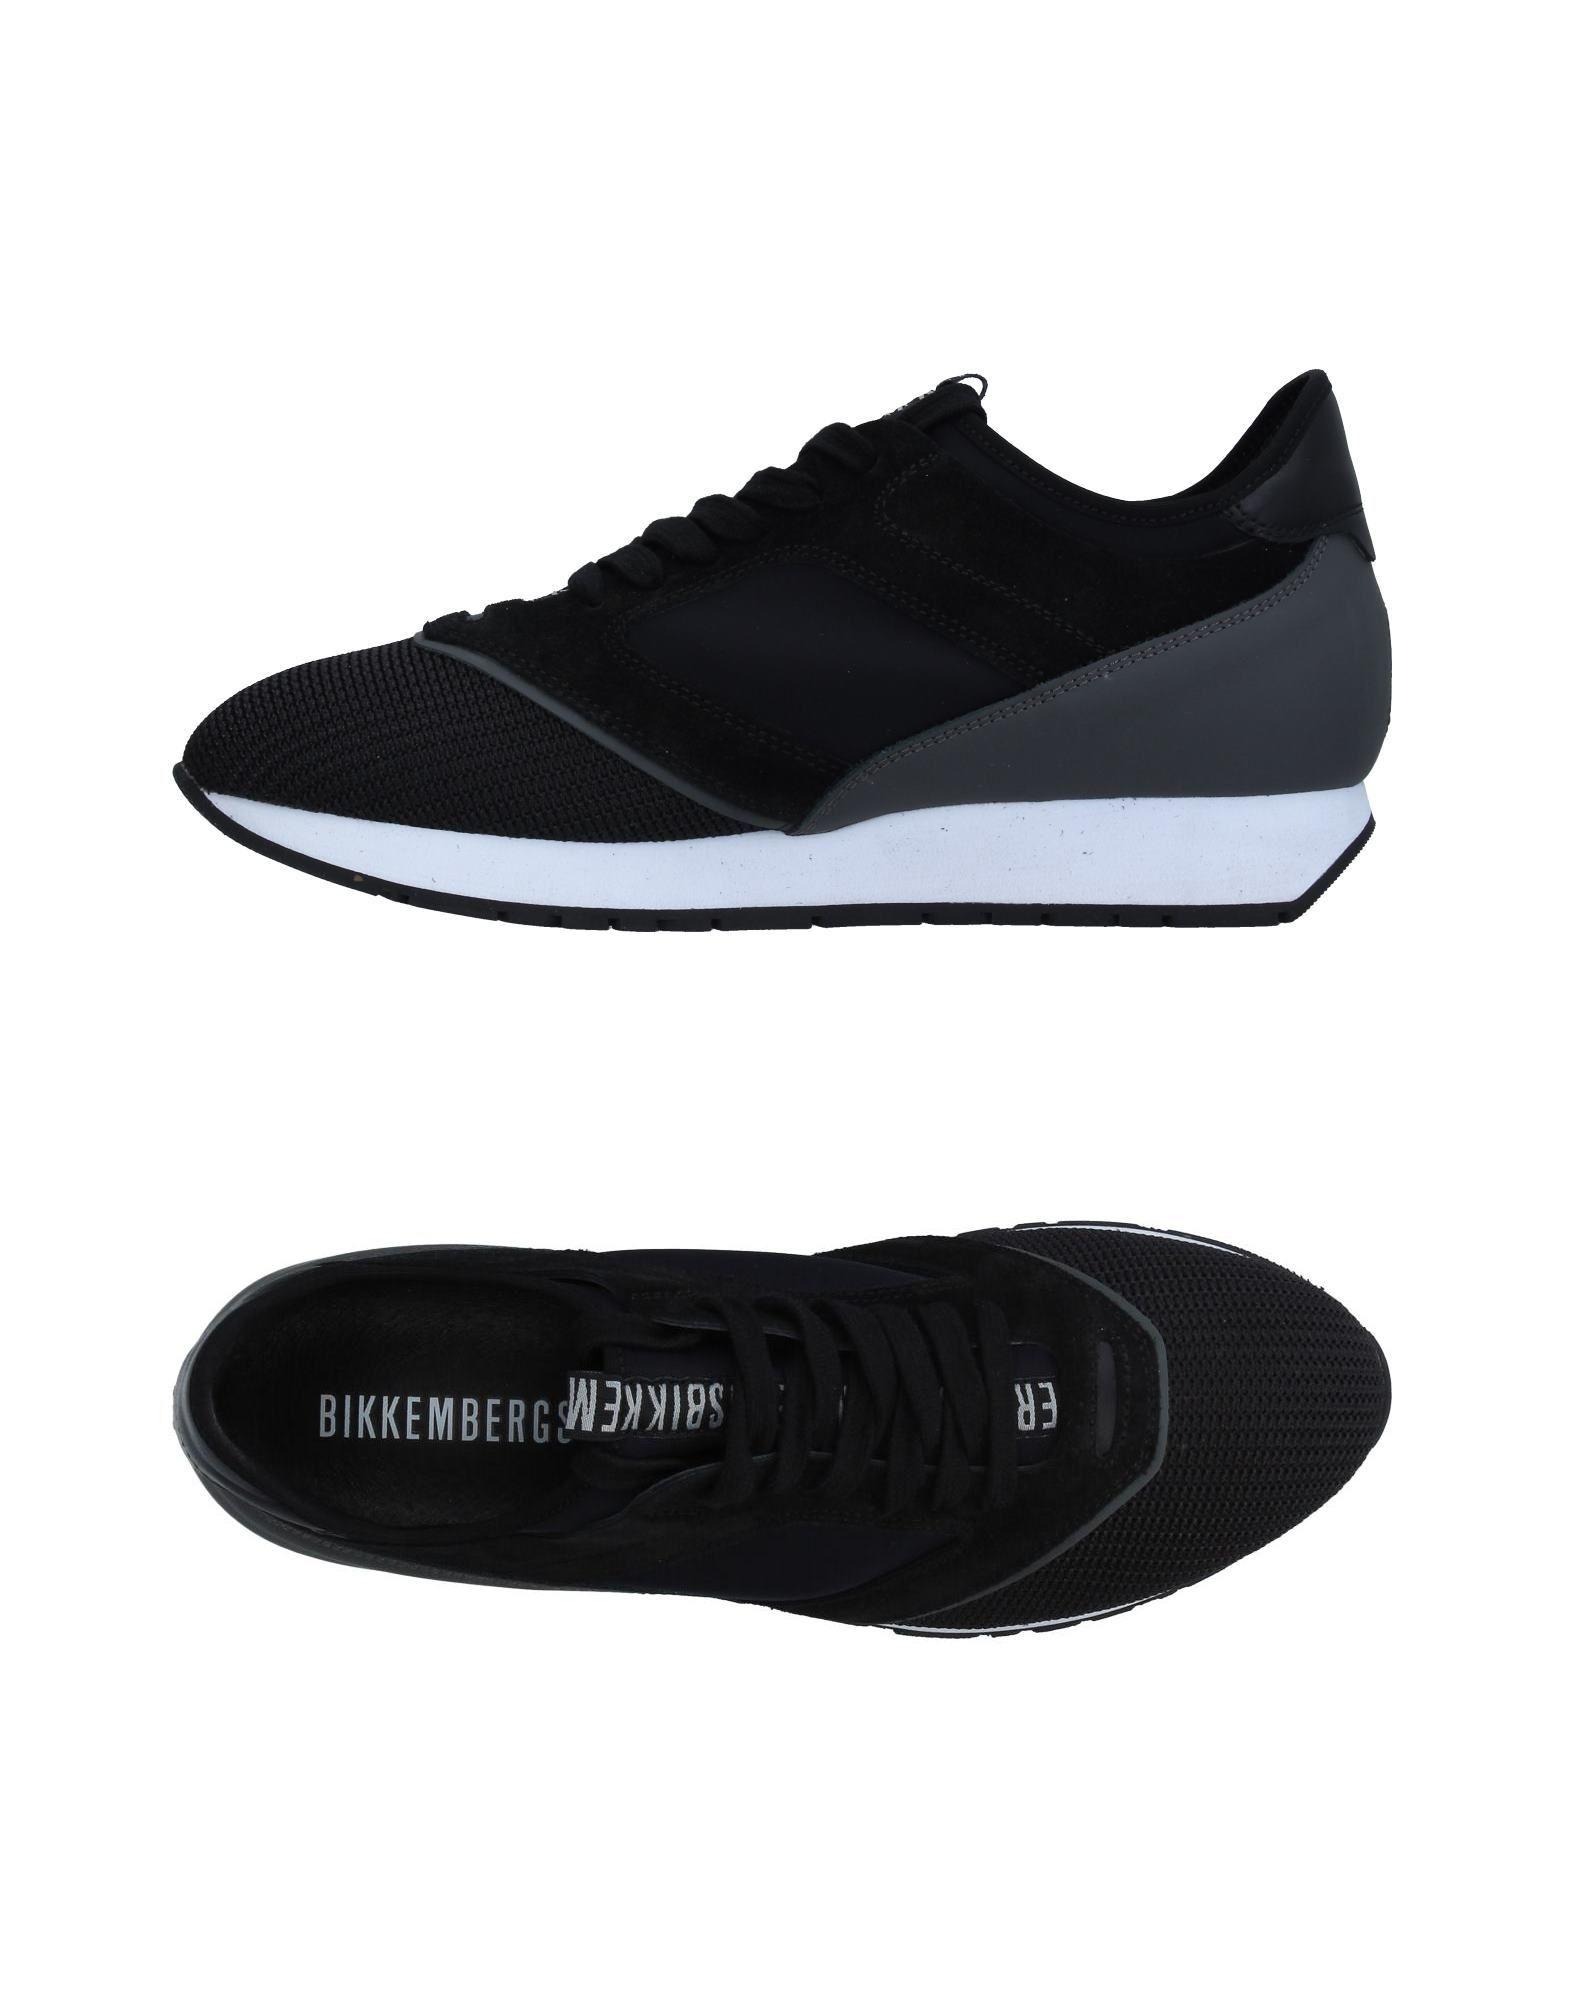 Sneakers Bikkembergs Uomo - 11332861PQ Scarpe economiche e buone